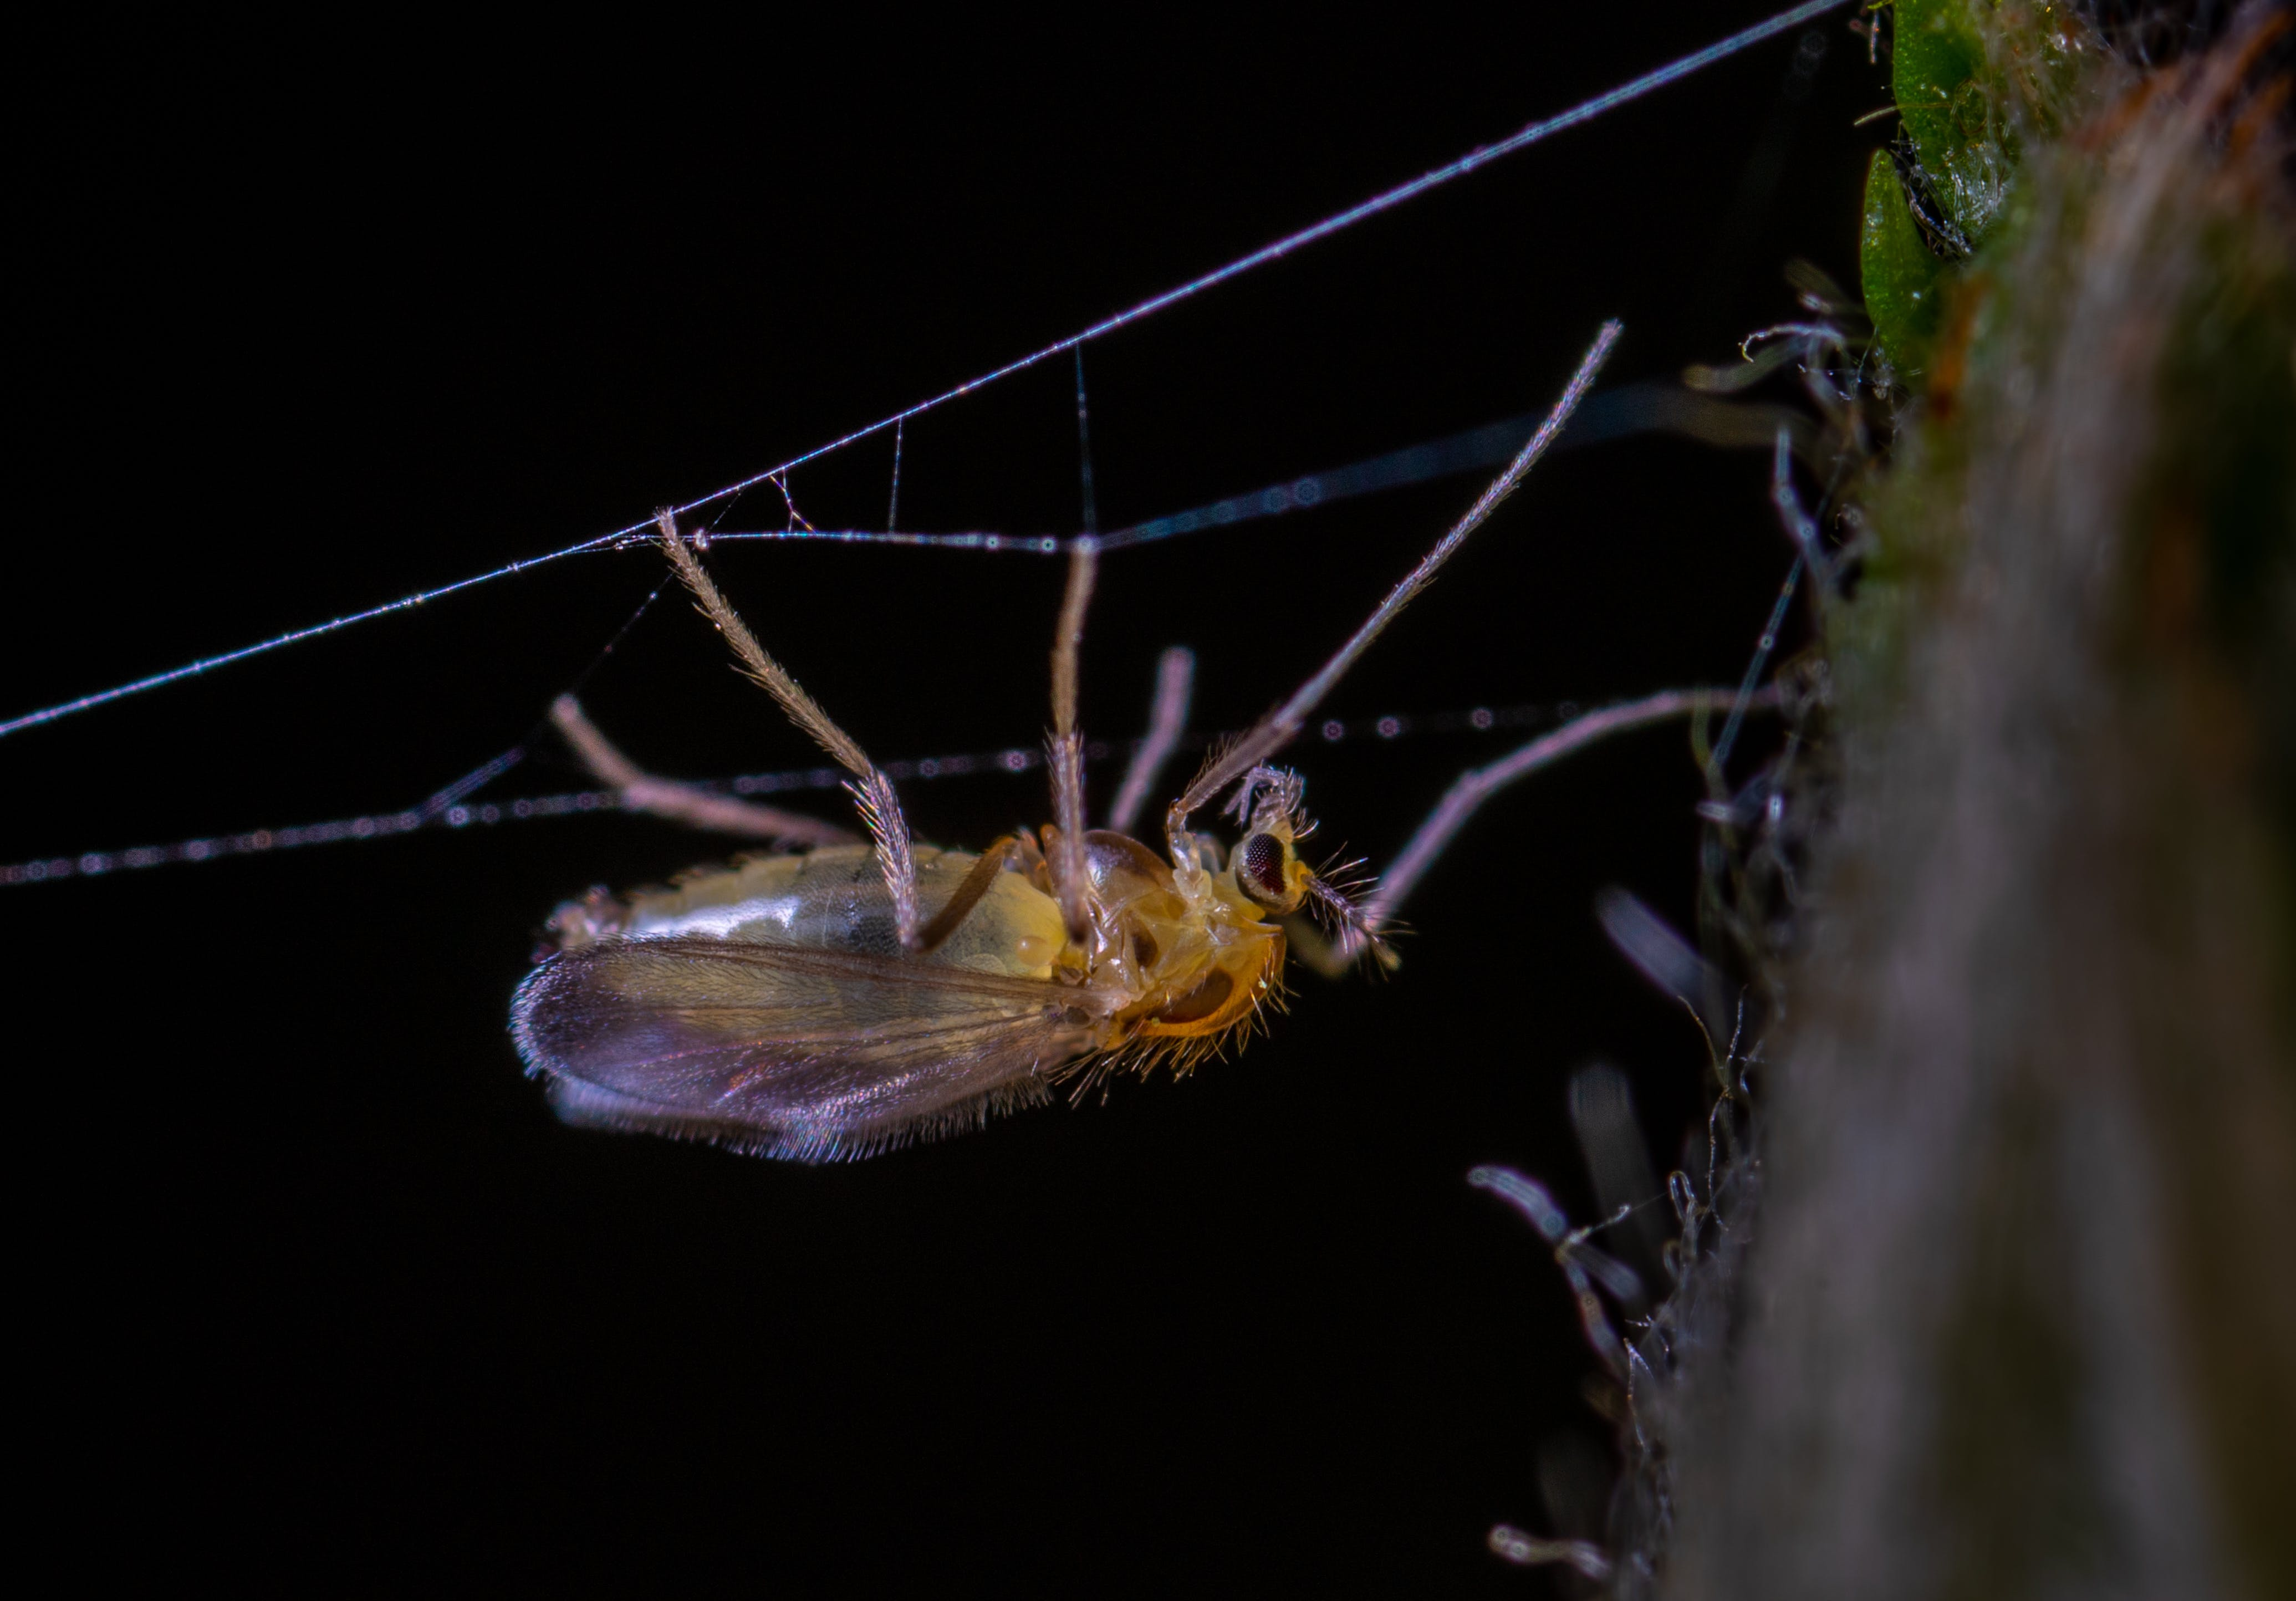 aracnídeo, aranha, arrepiante